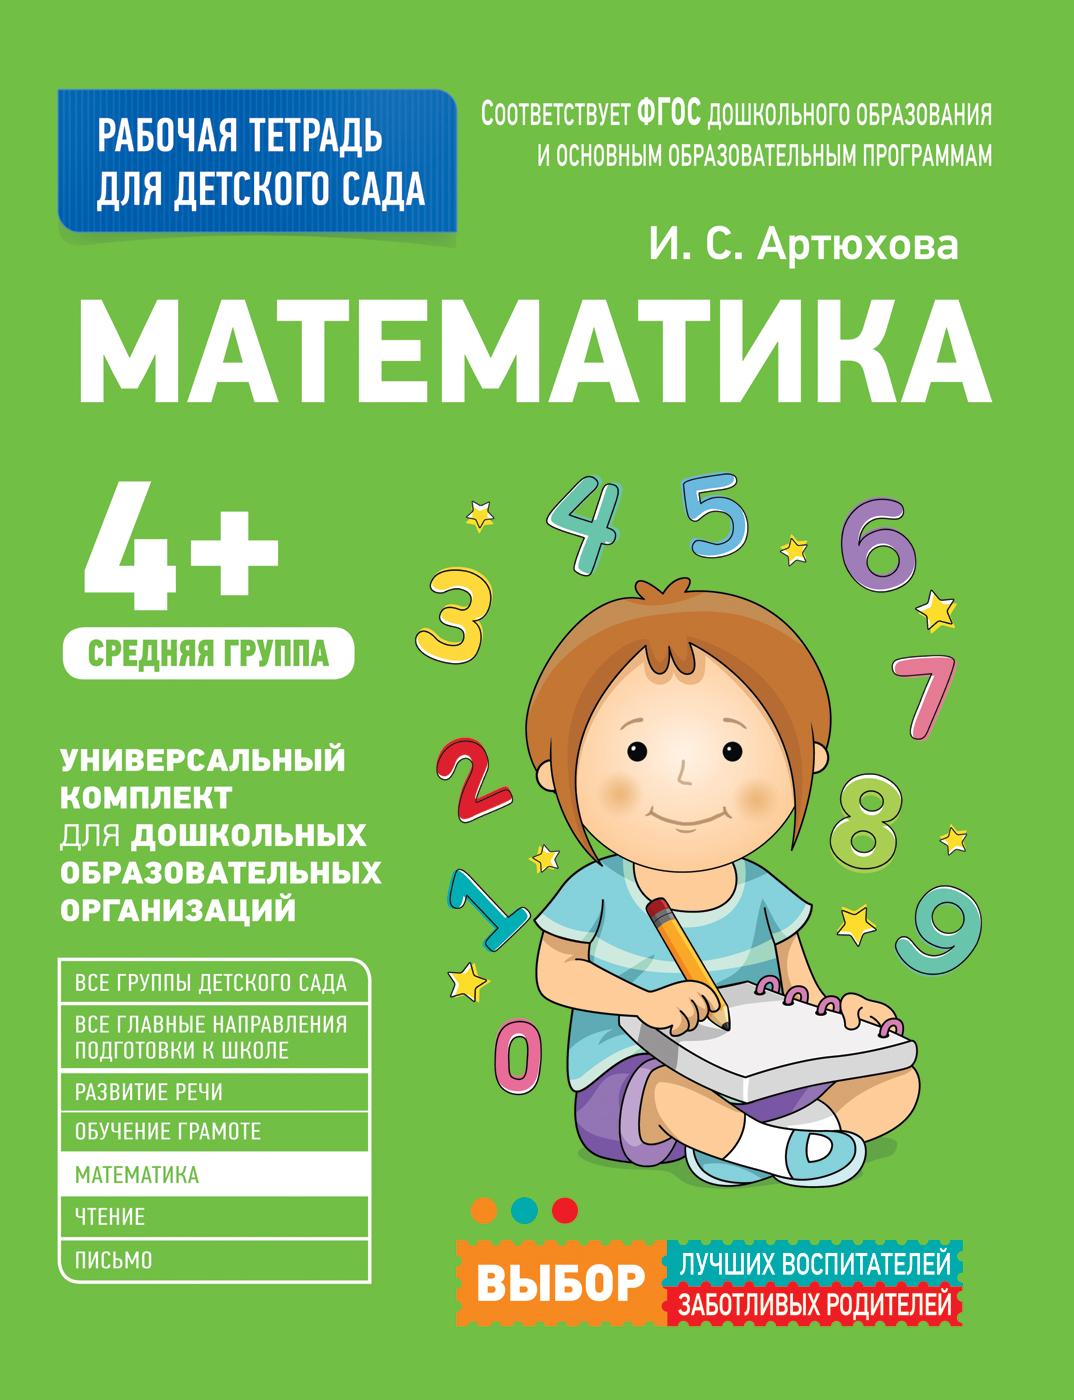 Для детского сада. Математика. Средняя группа. Рабочая тетрадь